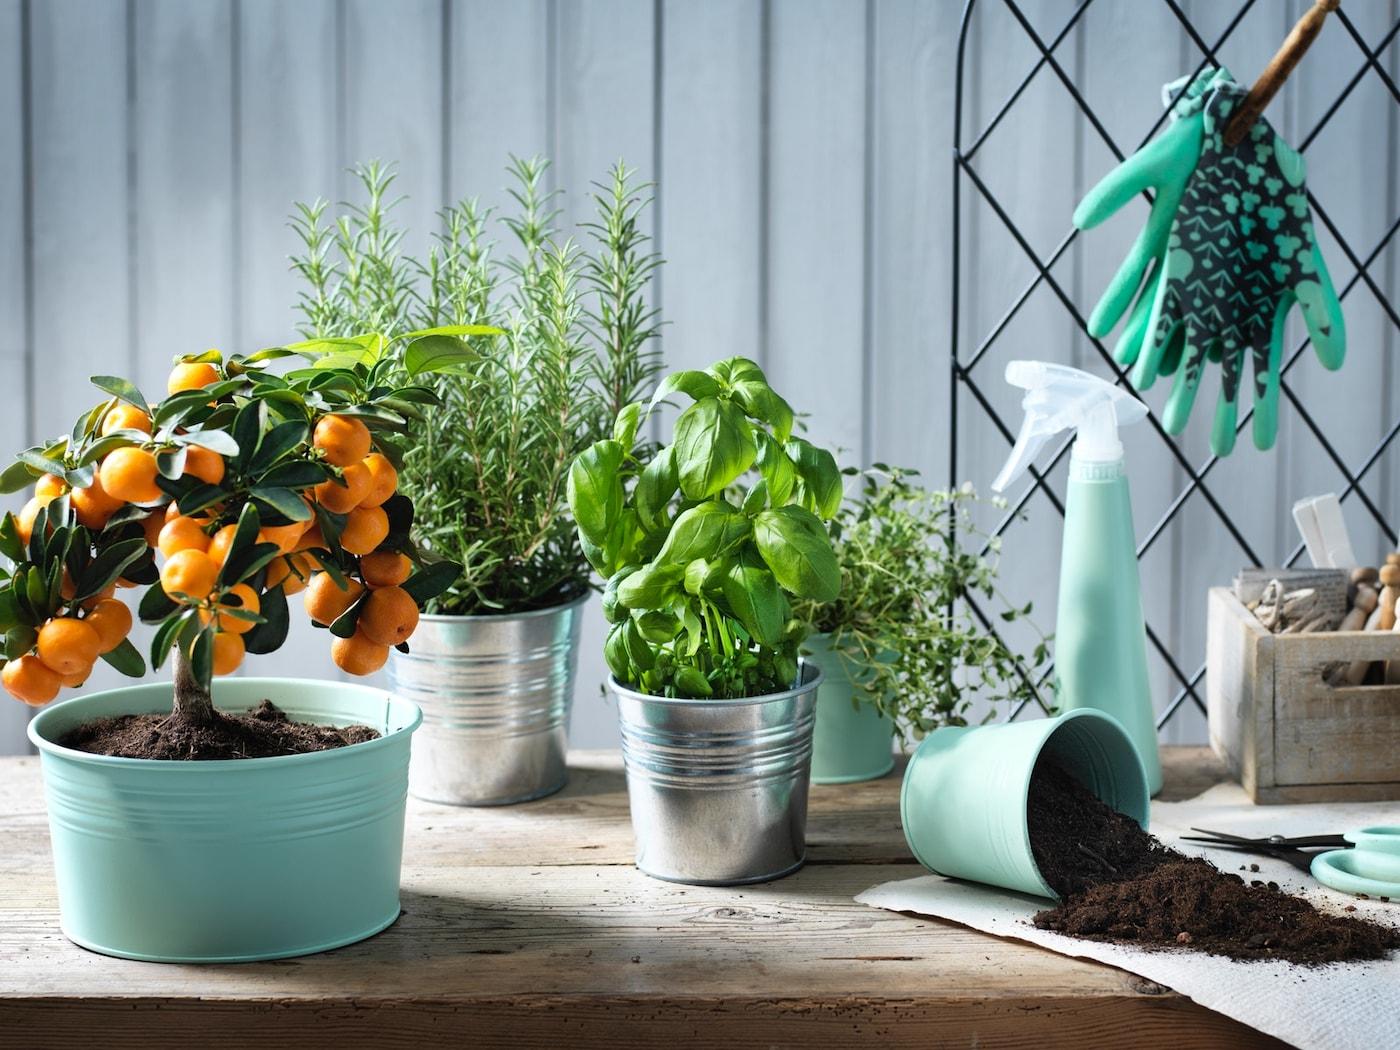 Macetas con plantas y material de jardinería sobre una mesa